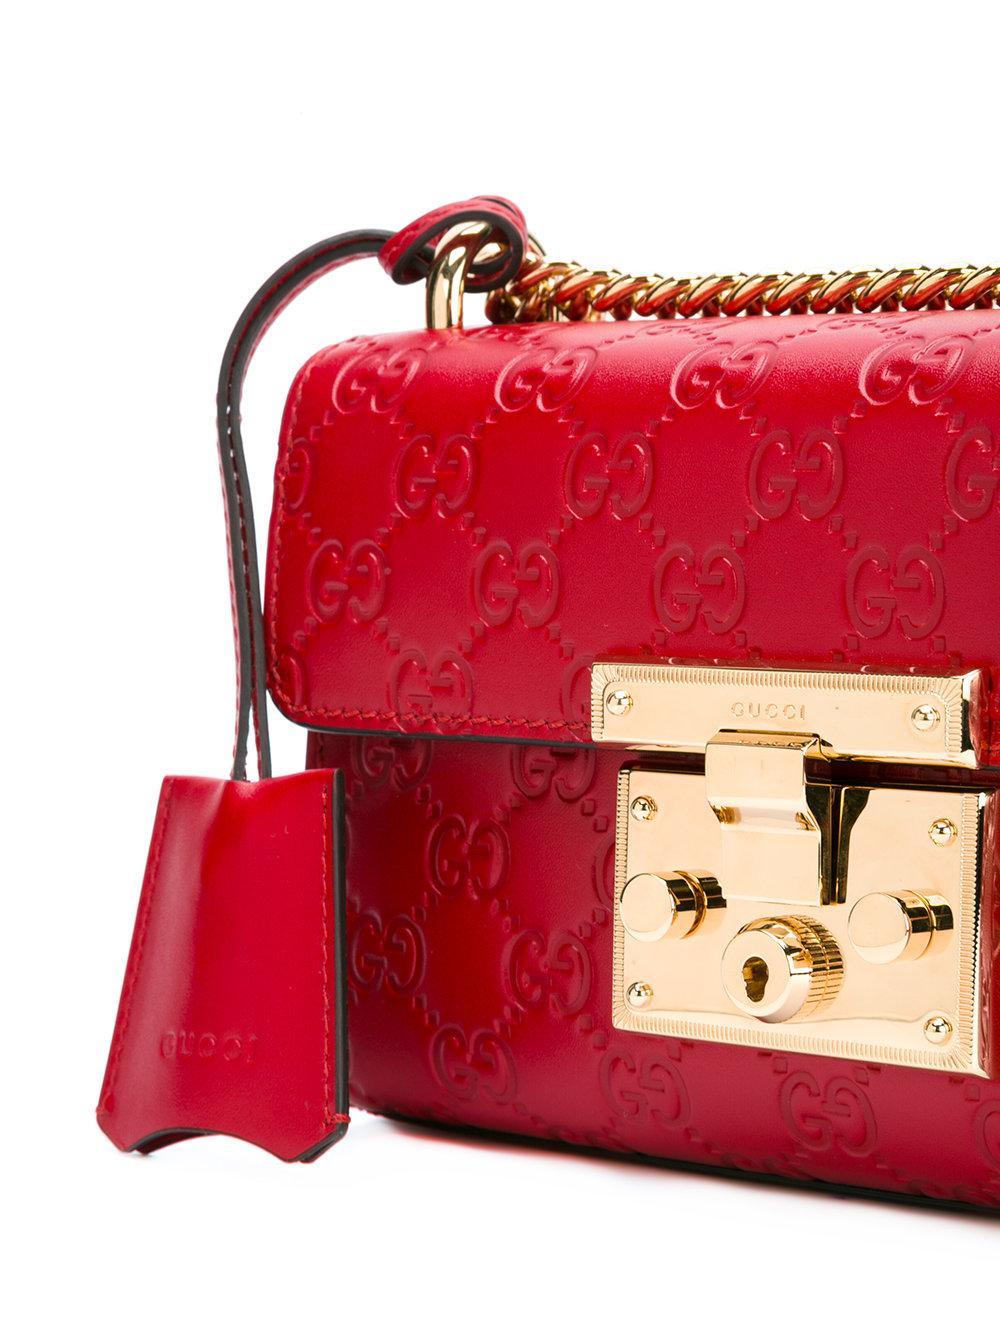 b70fdc5473af8e Padlock Gucci Signature Shoulder Bag Red | Stanford Center for ...